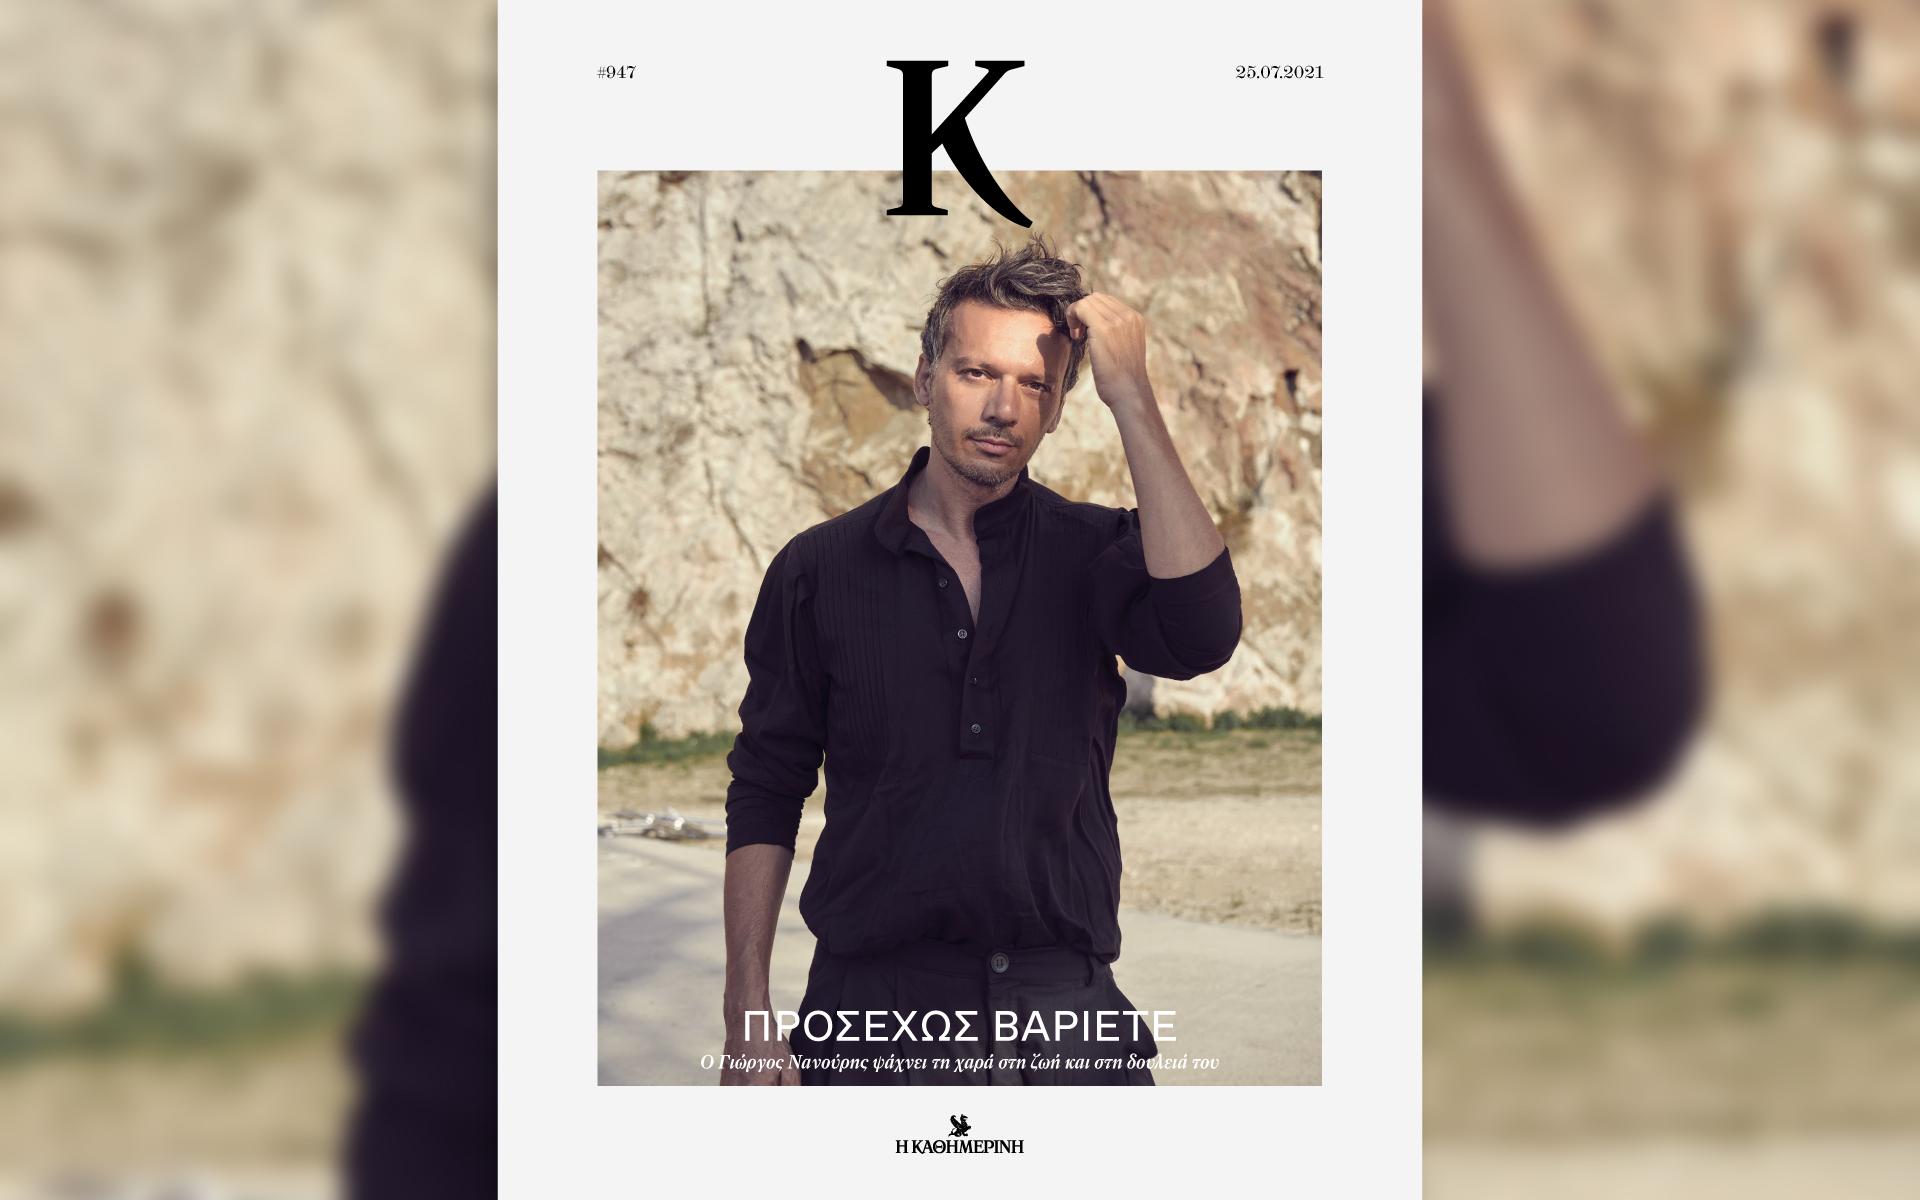 ayti-tin-kyriaki-me-tin-kathimerini-ta-ladera-einai-koyl-disney-romano-scarpa-k-ceos-20215